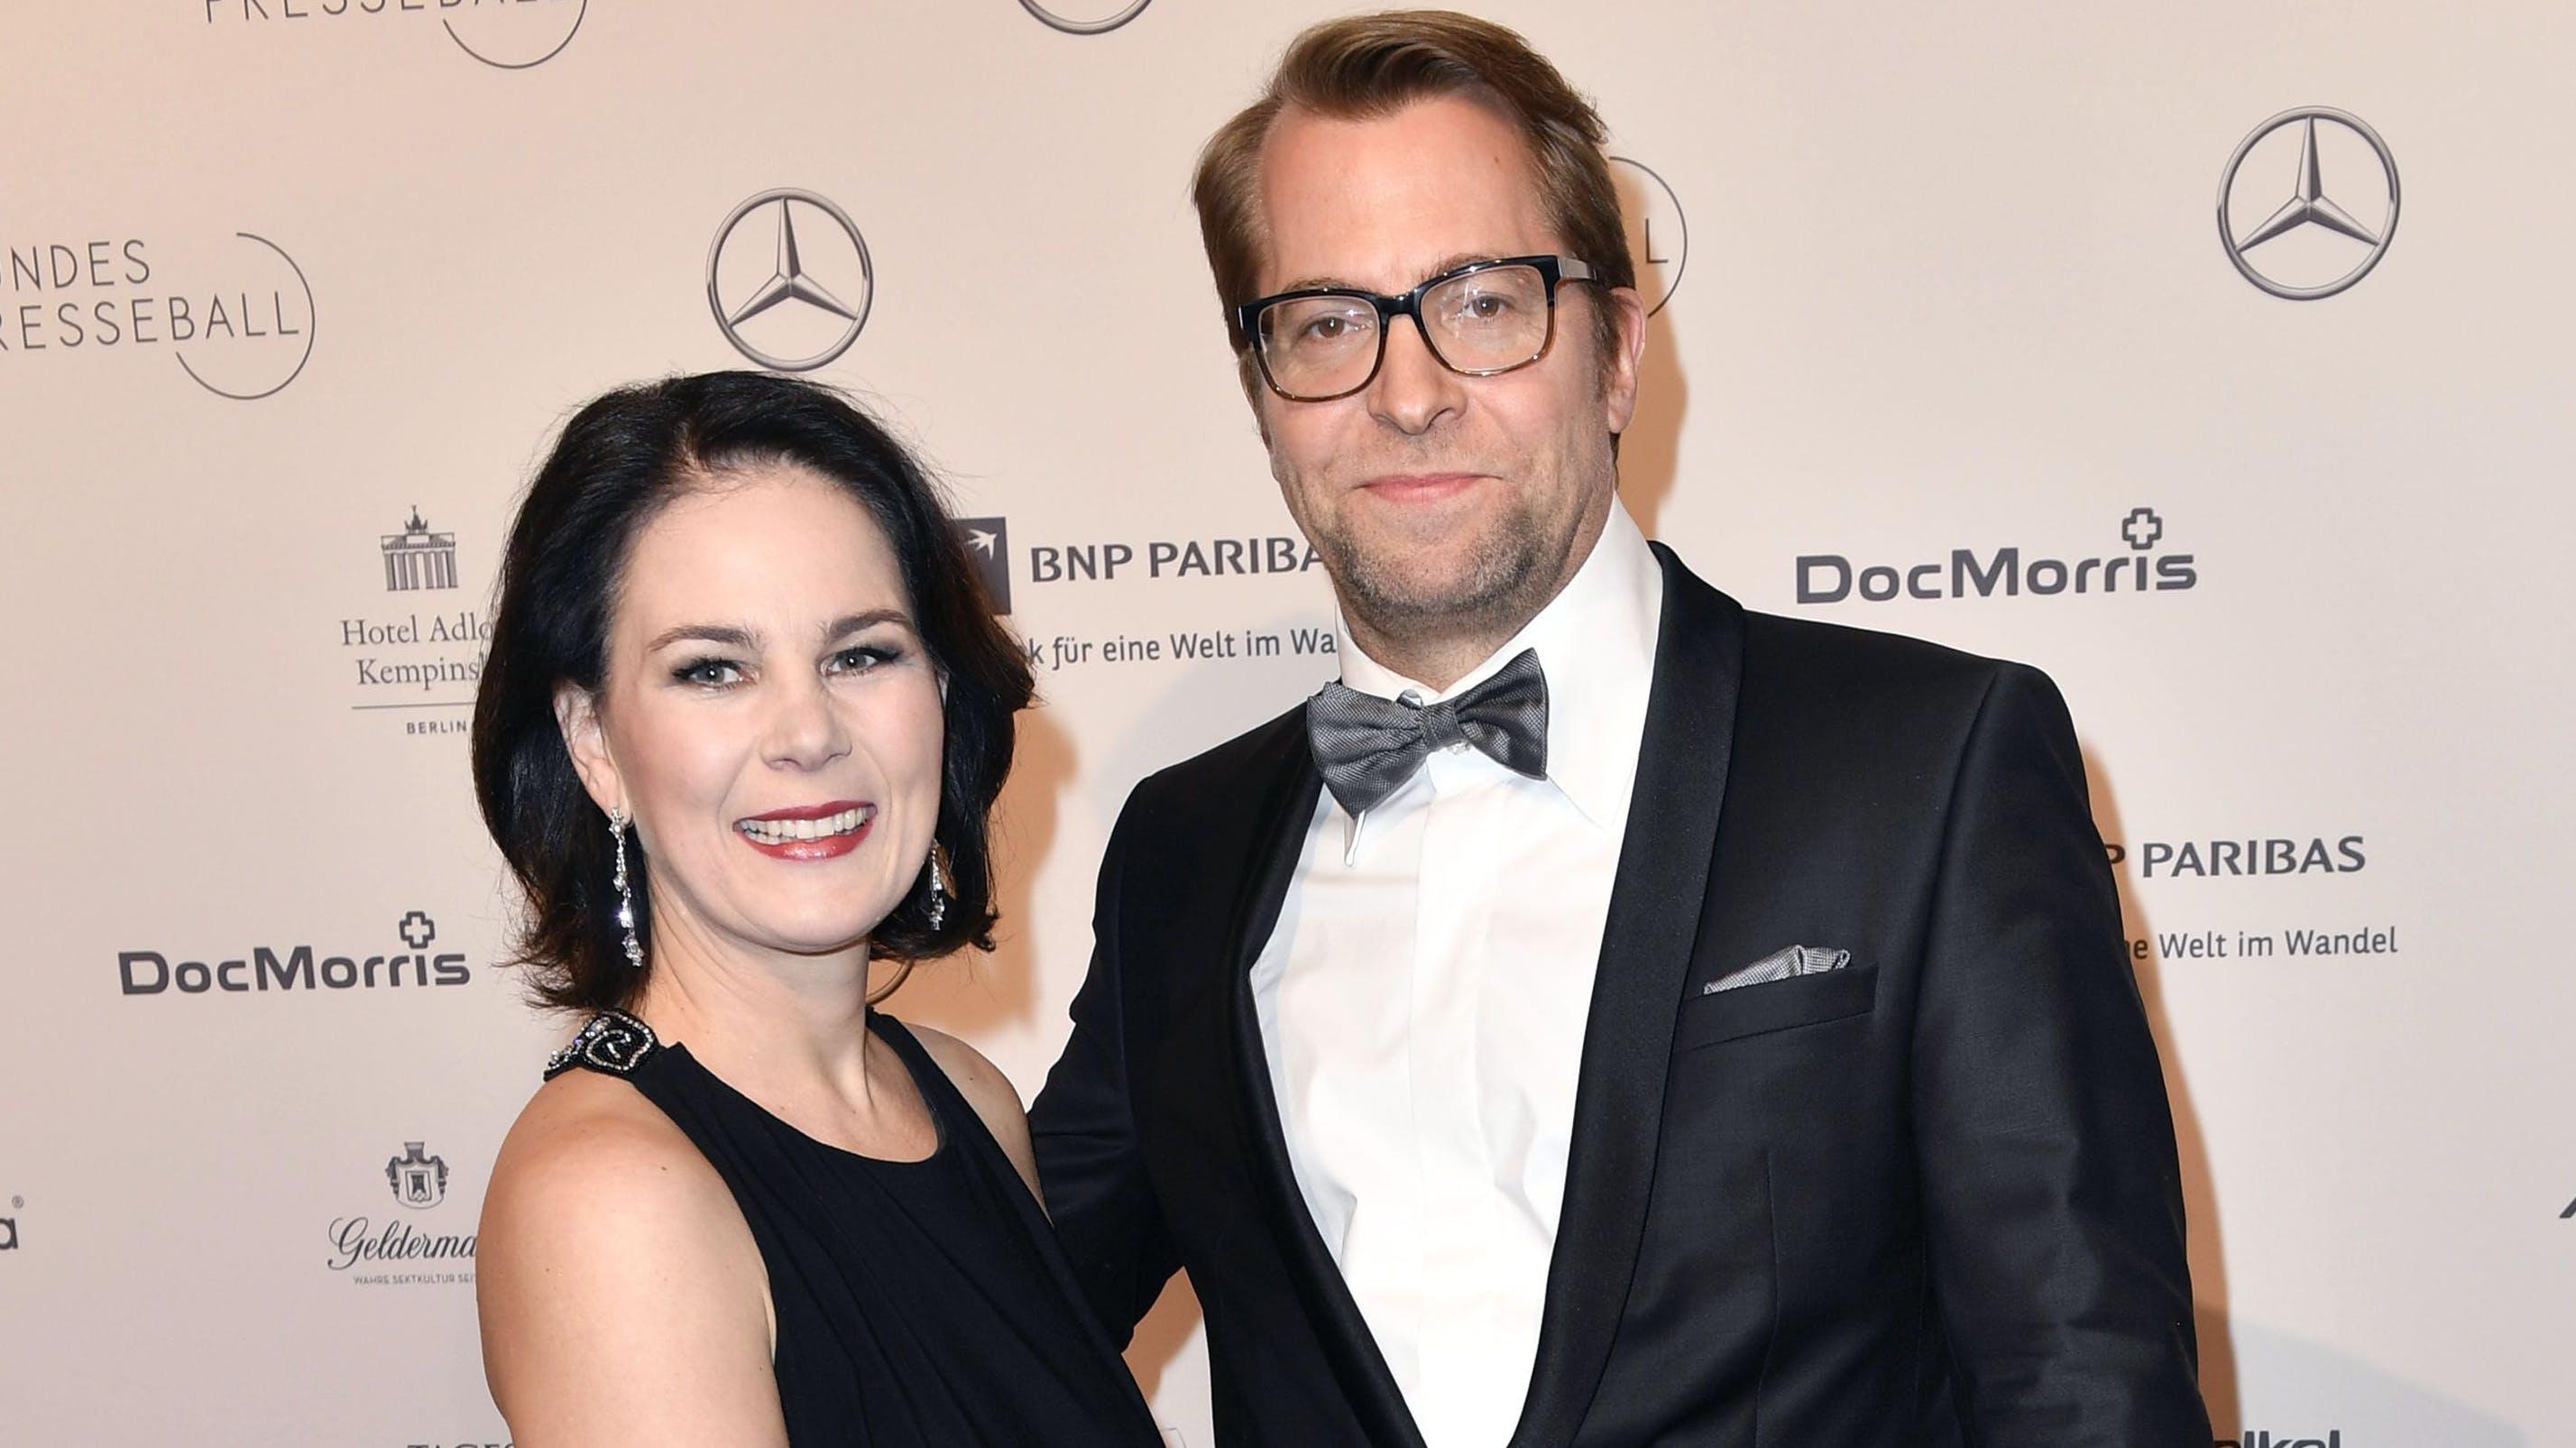 «Das Neue an Baerbocks Kanzlerkandidatur ist ja nicht, dass sie eine Frau ist. Das Neue ist, dass sie eine Frau mit kleinen Kindern ist»: Annalena Baerbock mit Ehemann Daniel Holefleisch.